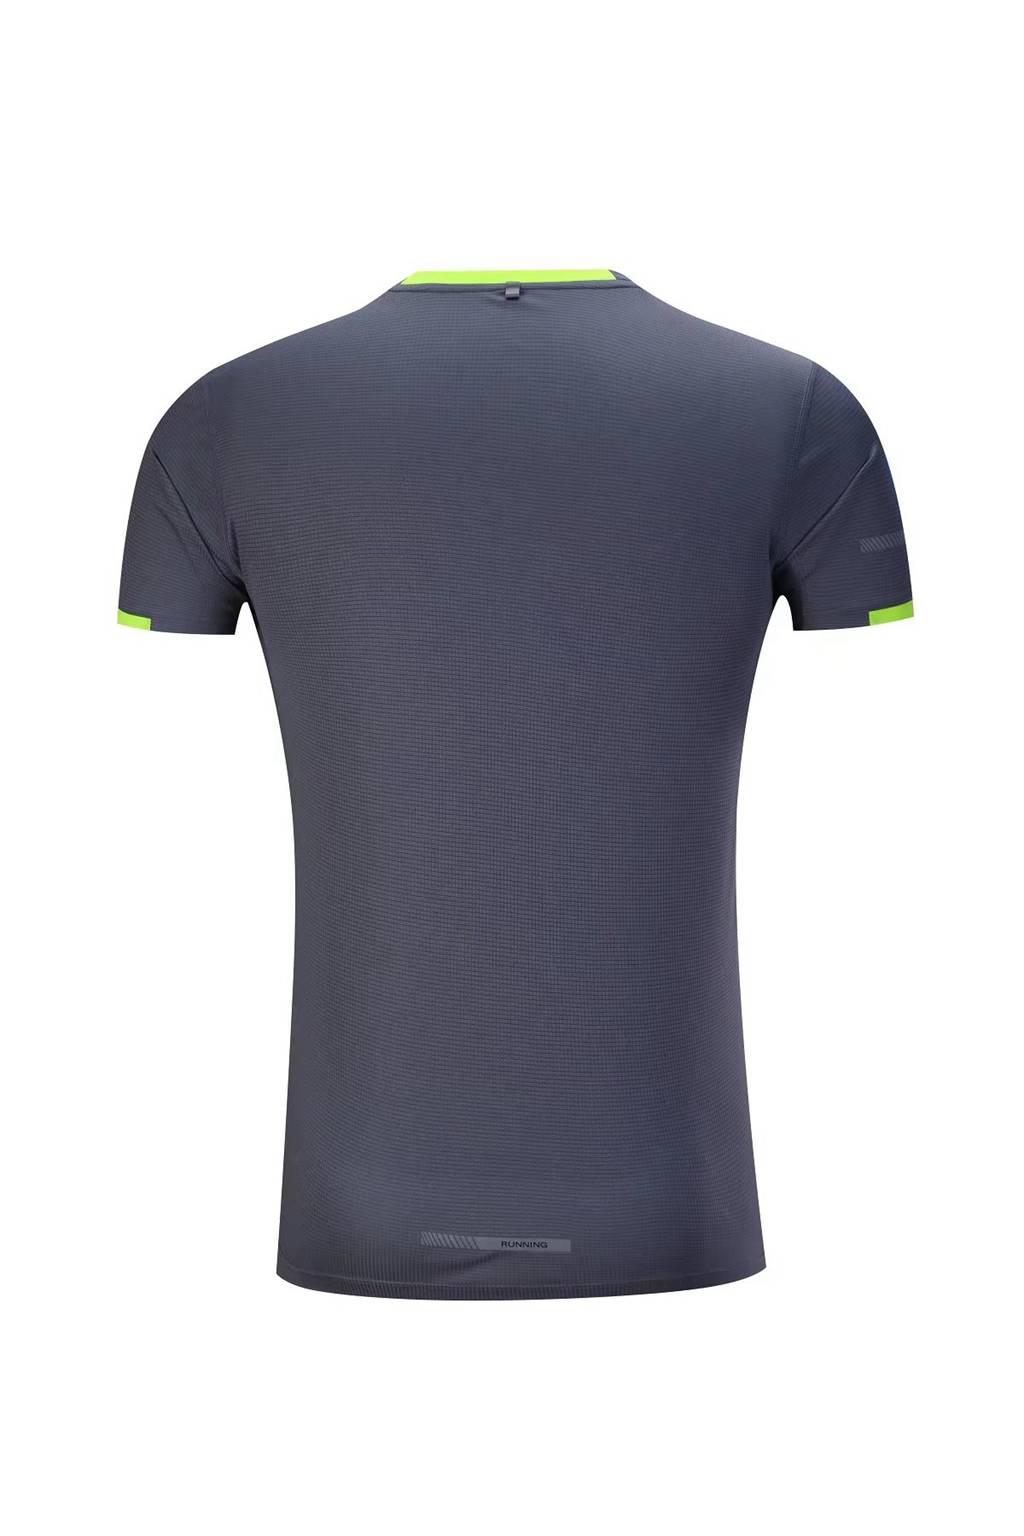 春夏新品 圆领短袖T恤 时尚运动文化衫 深灰色 3D效果图